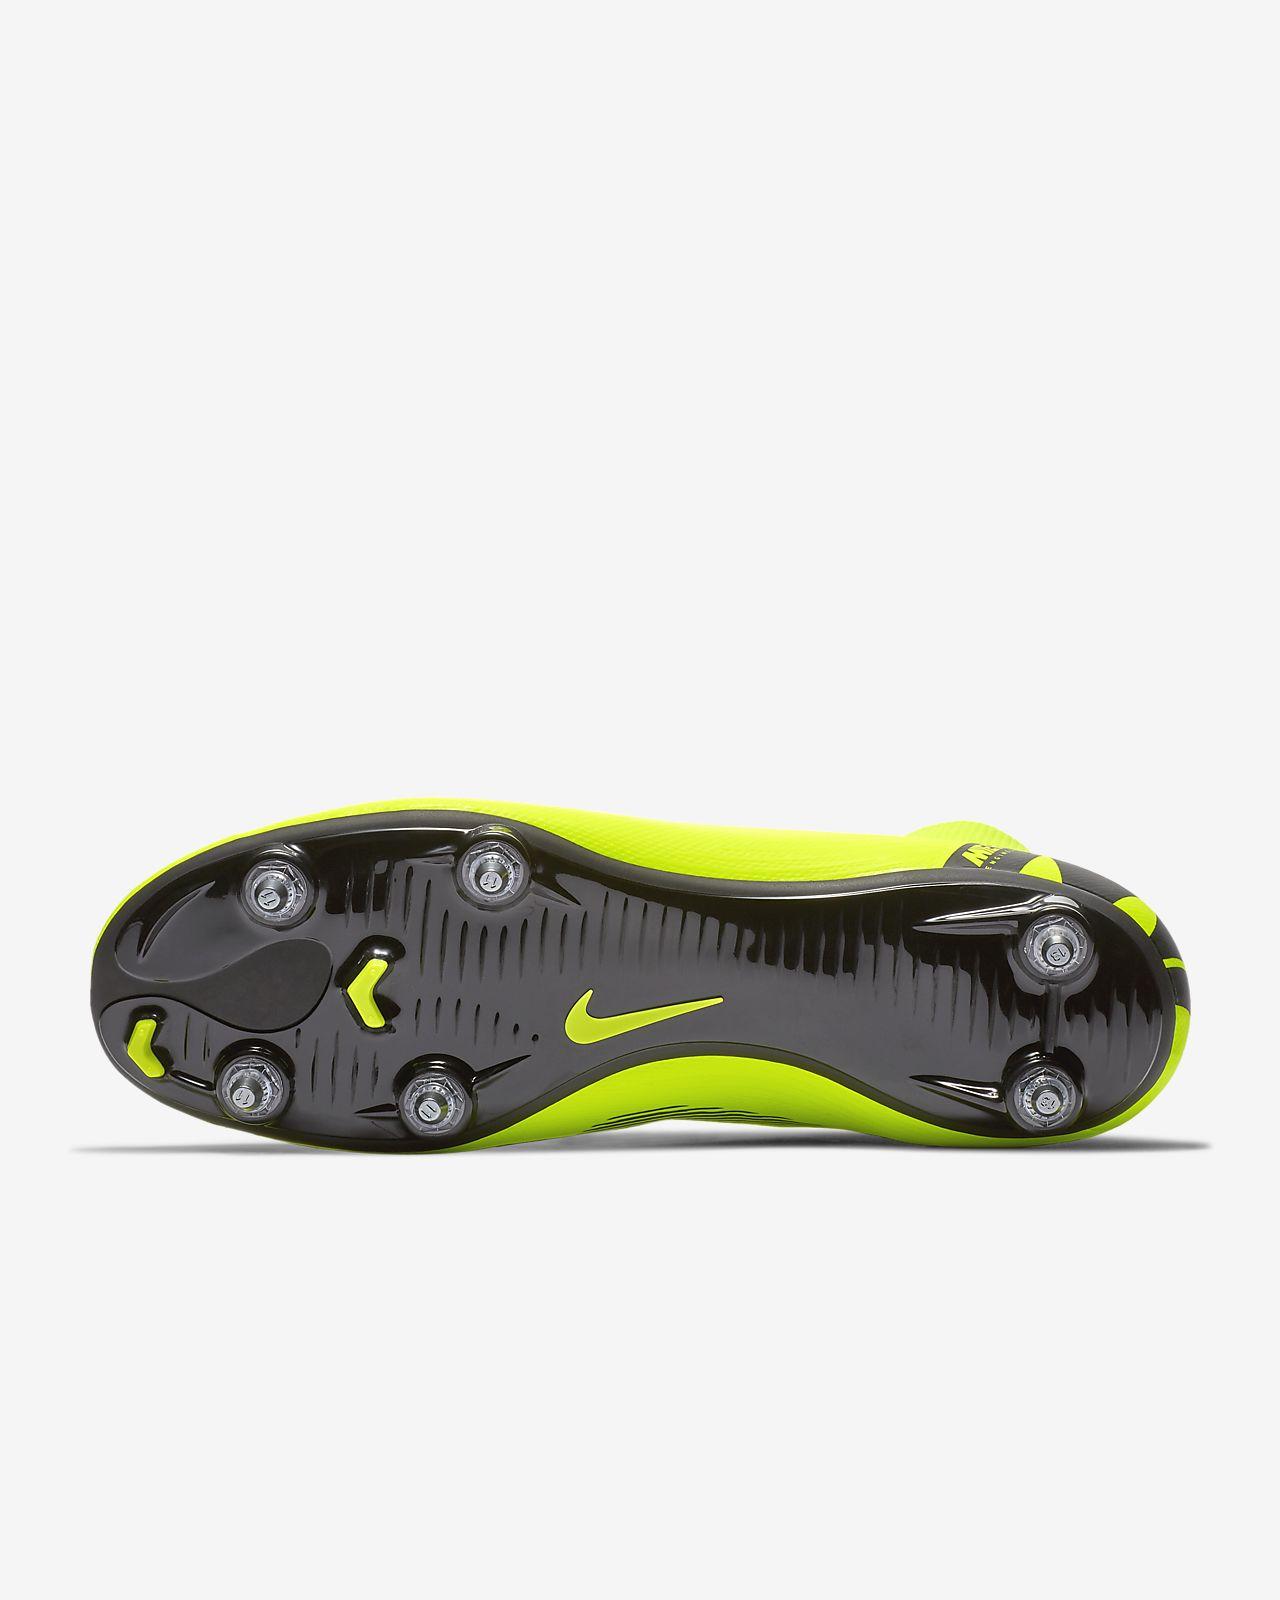 check out ec9a9 5ca4f ... Fotbollssko för mjukt underlag Nike Mercurial Superfly VI Academy SG-PRO